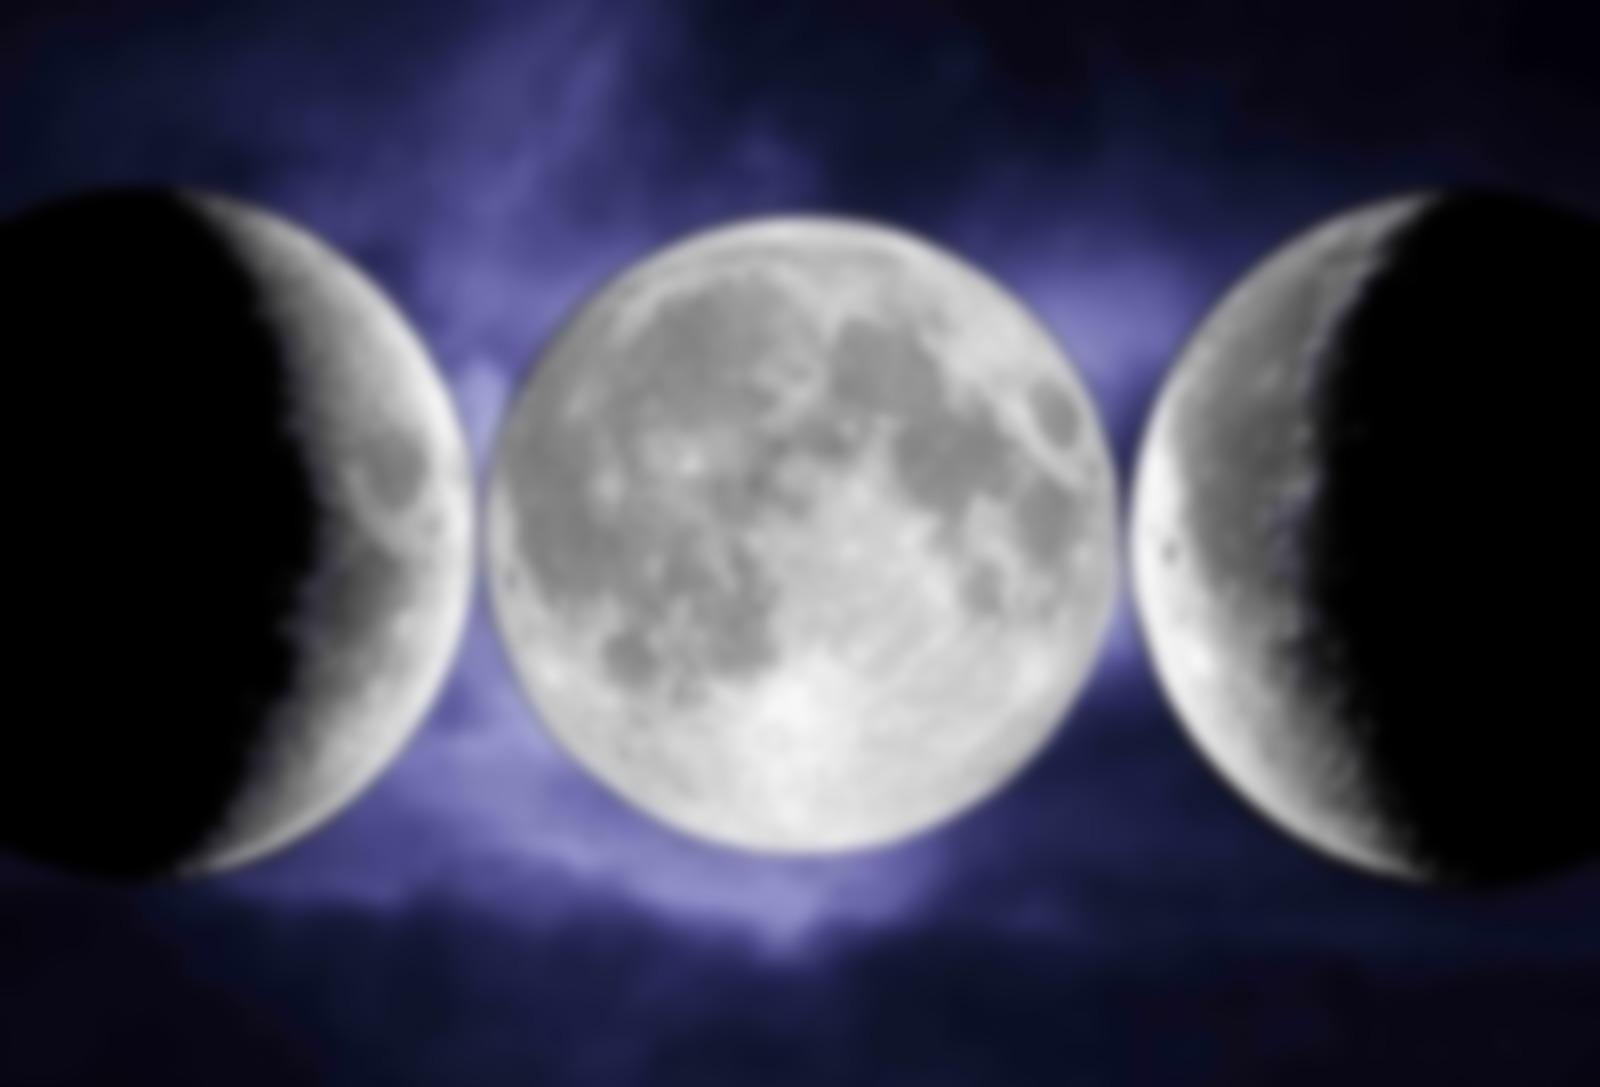 фото луны в разных фазах ходил гималайски, ставя